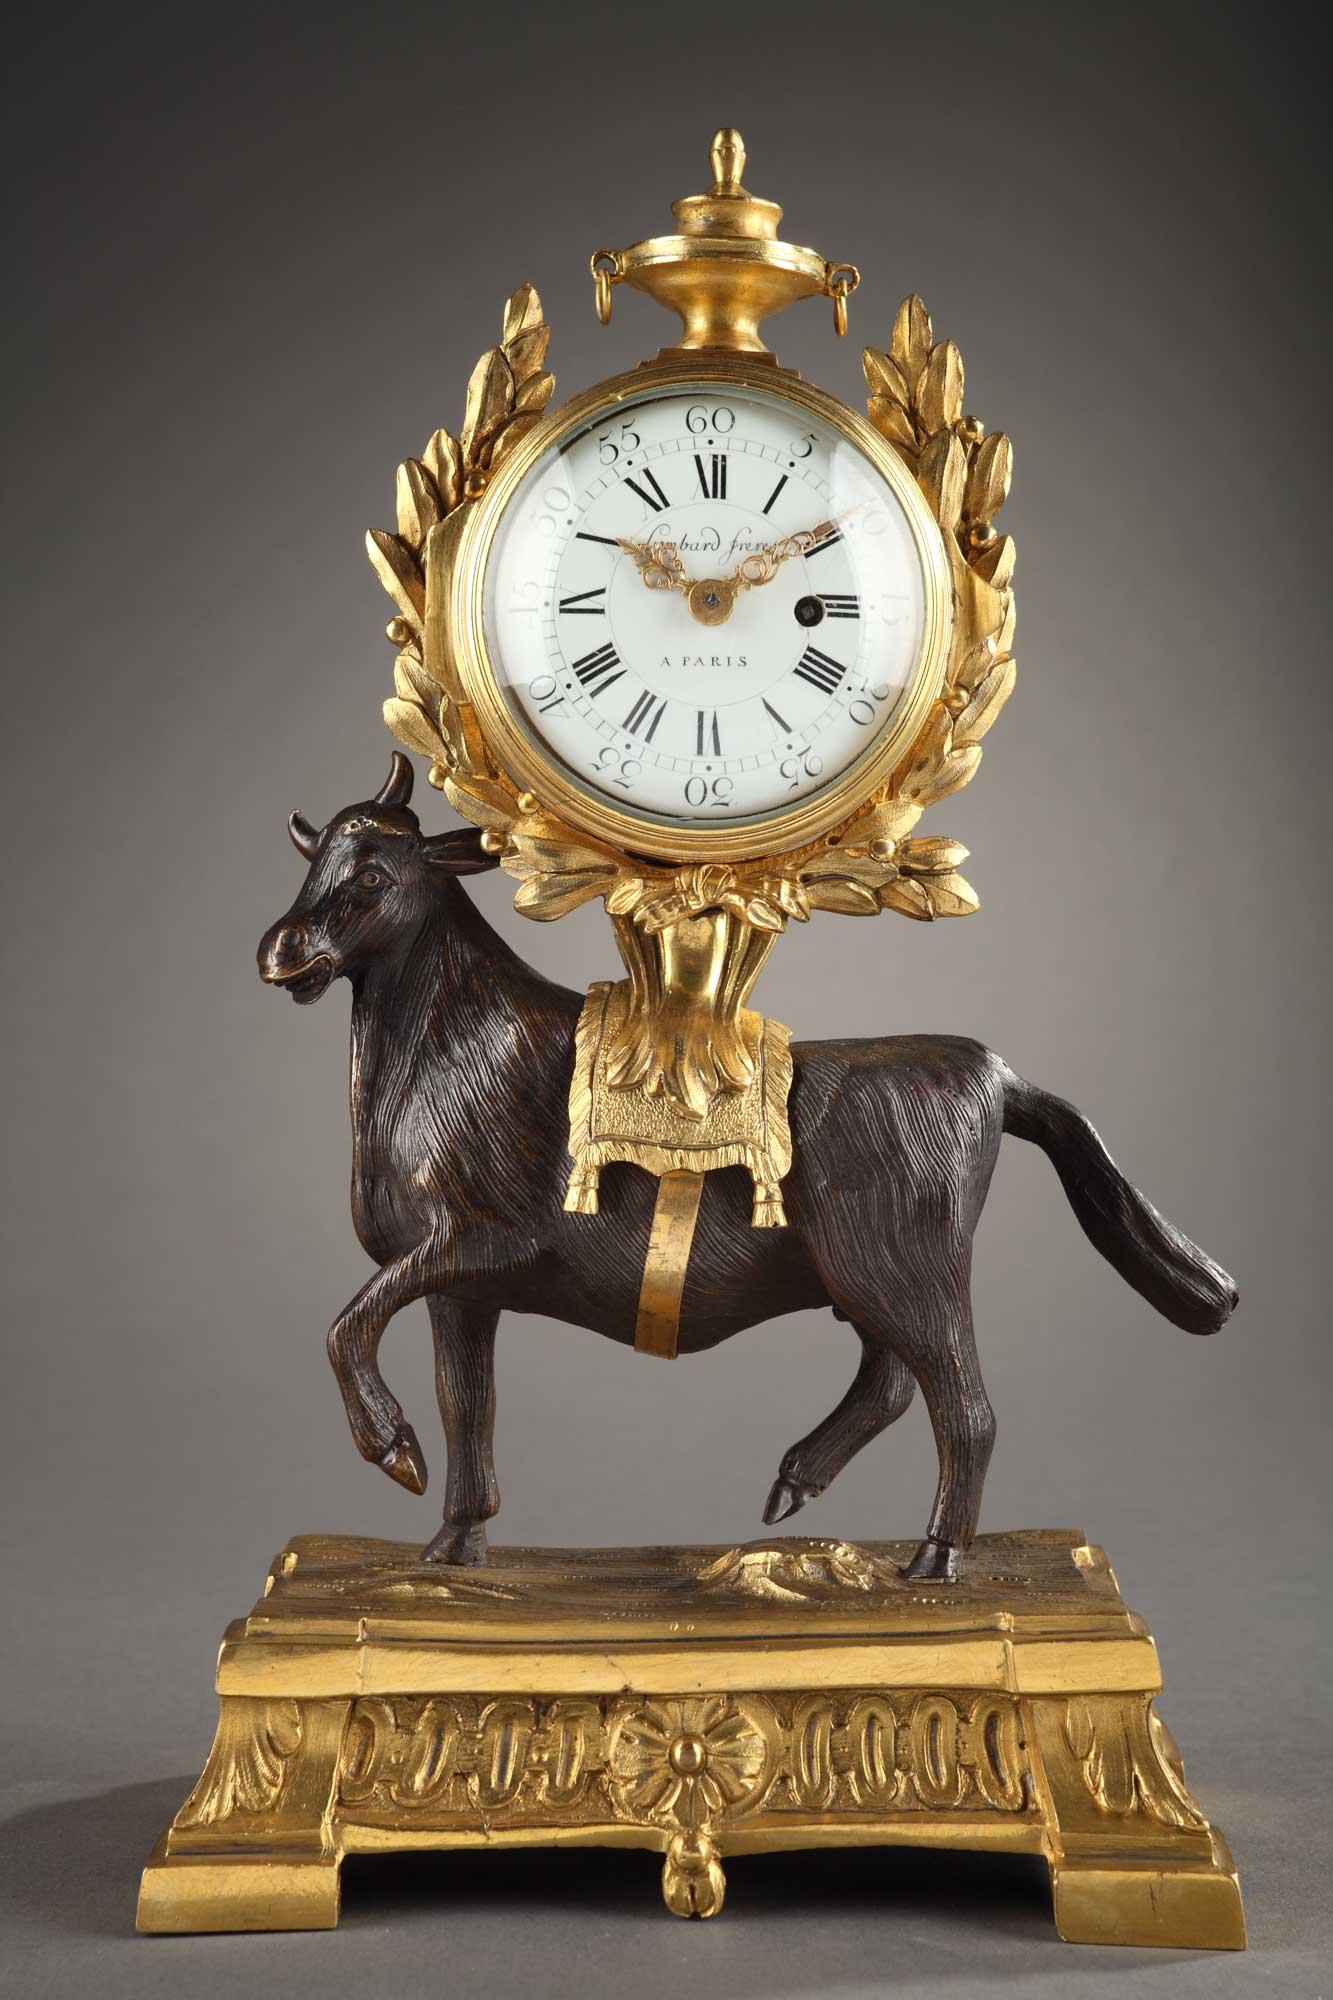 Pendule taureau - Epoque Louis XVI, en bronze doré et patiné